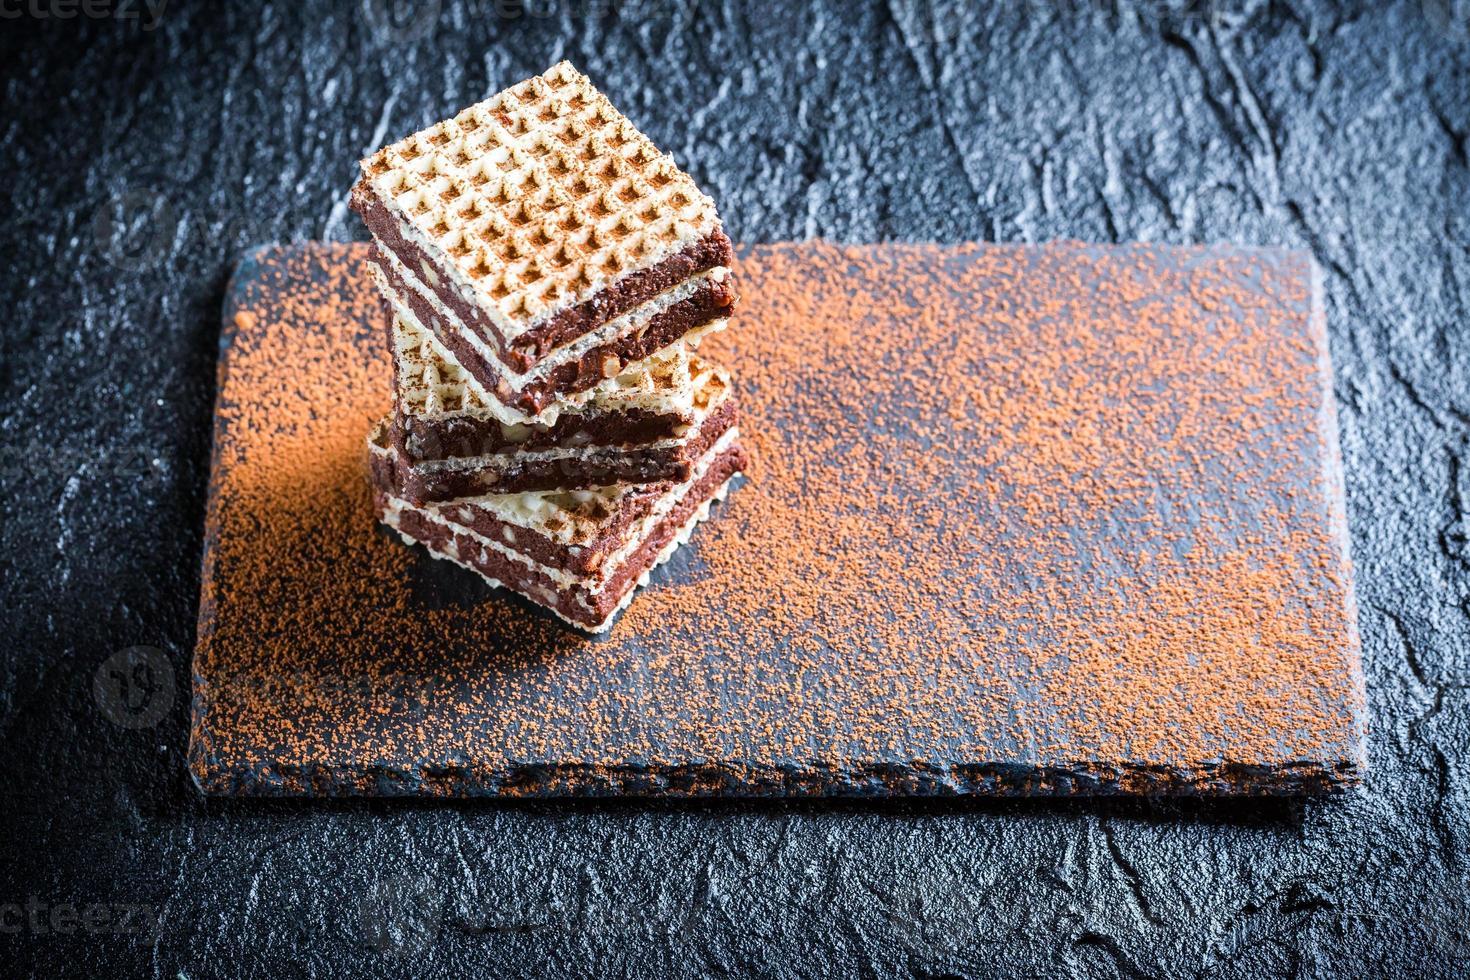 bolachas caseiras com chocolate e avelã na placa de pedra foto